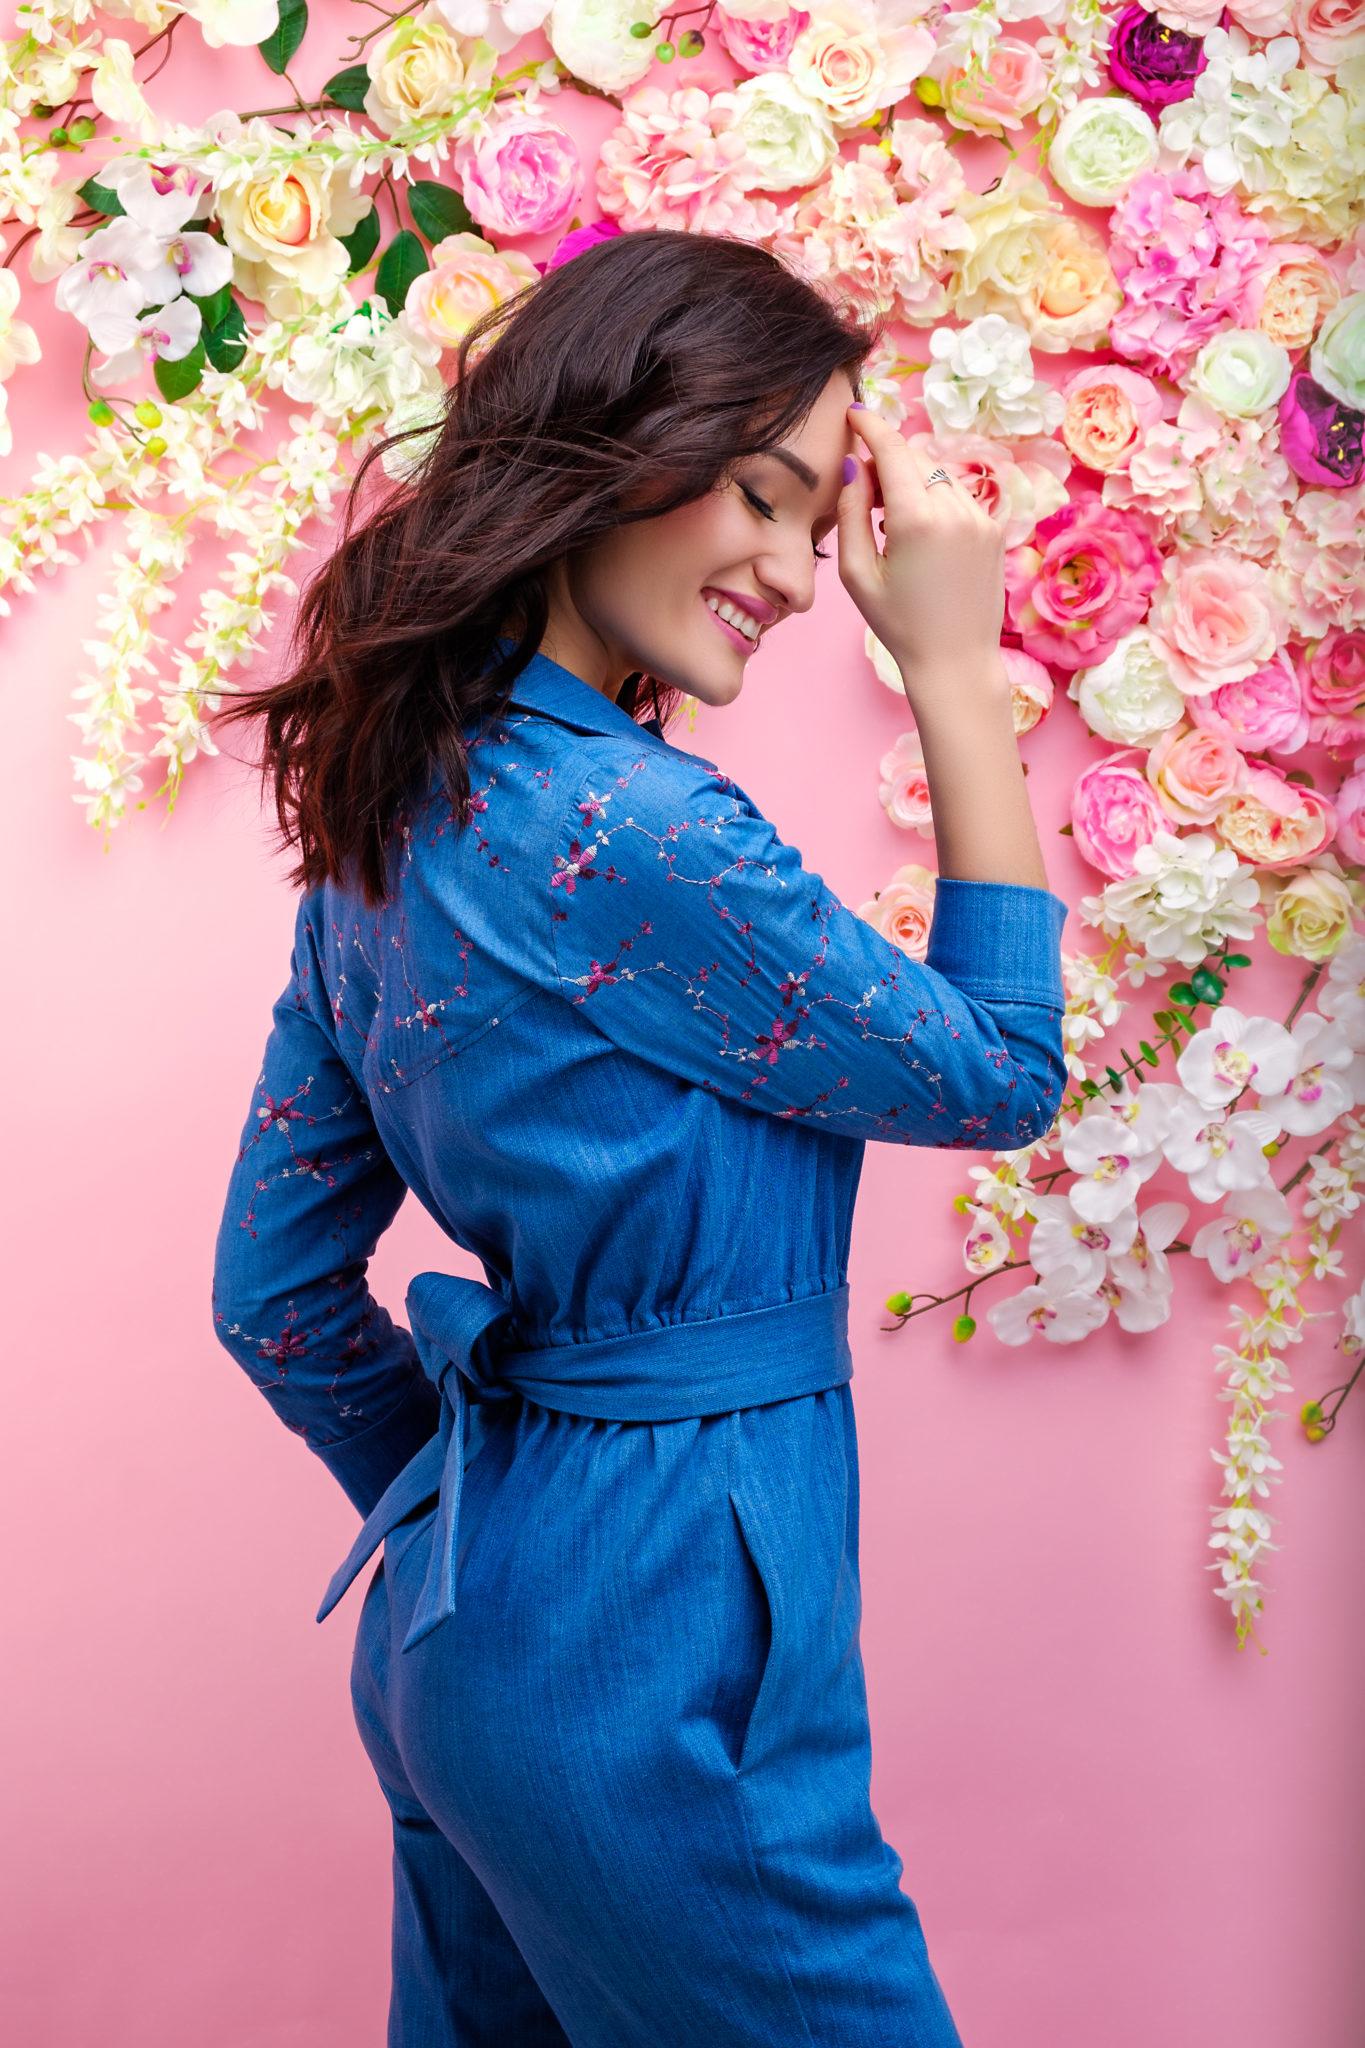 Фотосессия Премиум, модель Диана Глостер, фотограф Алиса Постникова, девушка в джинсовом костюме стоит на розовом цветочном фоне